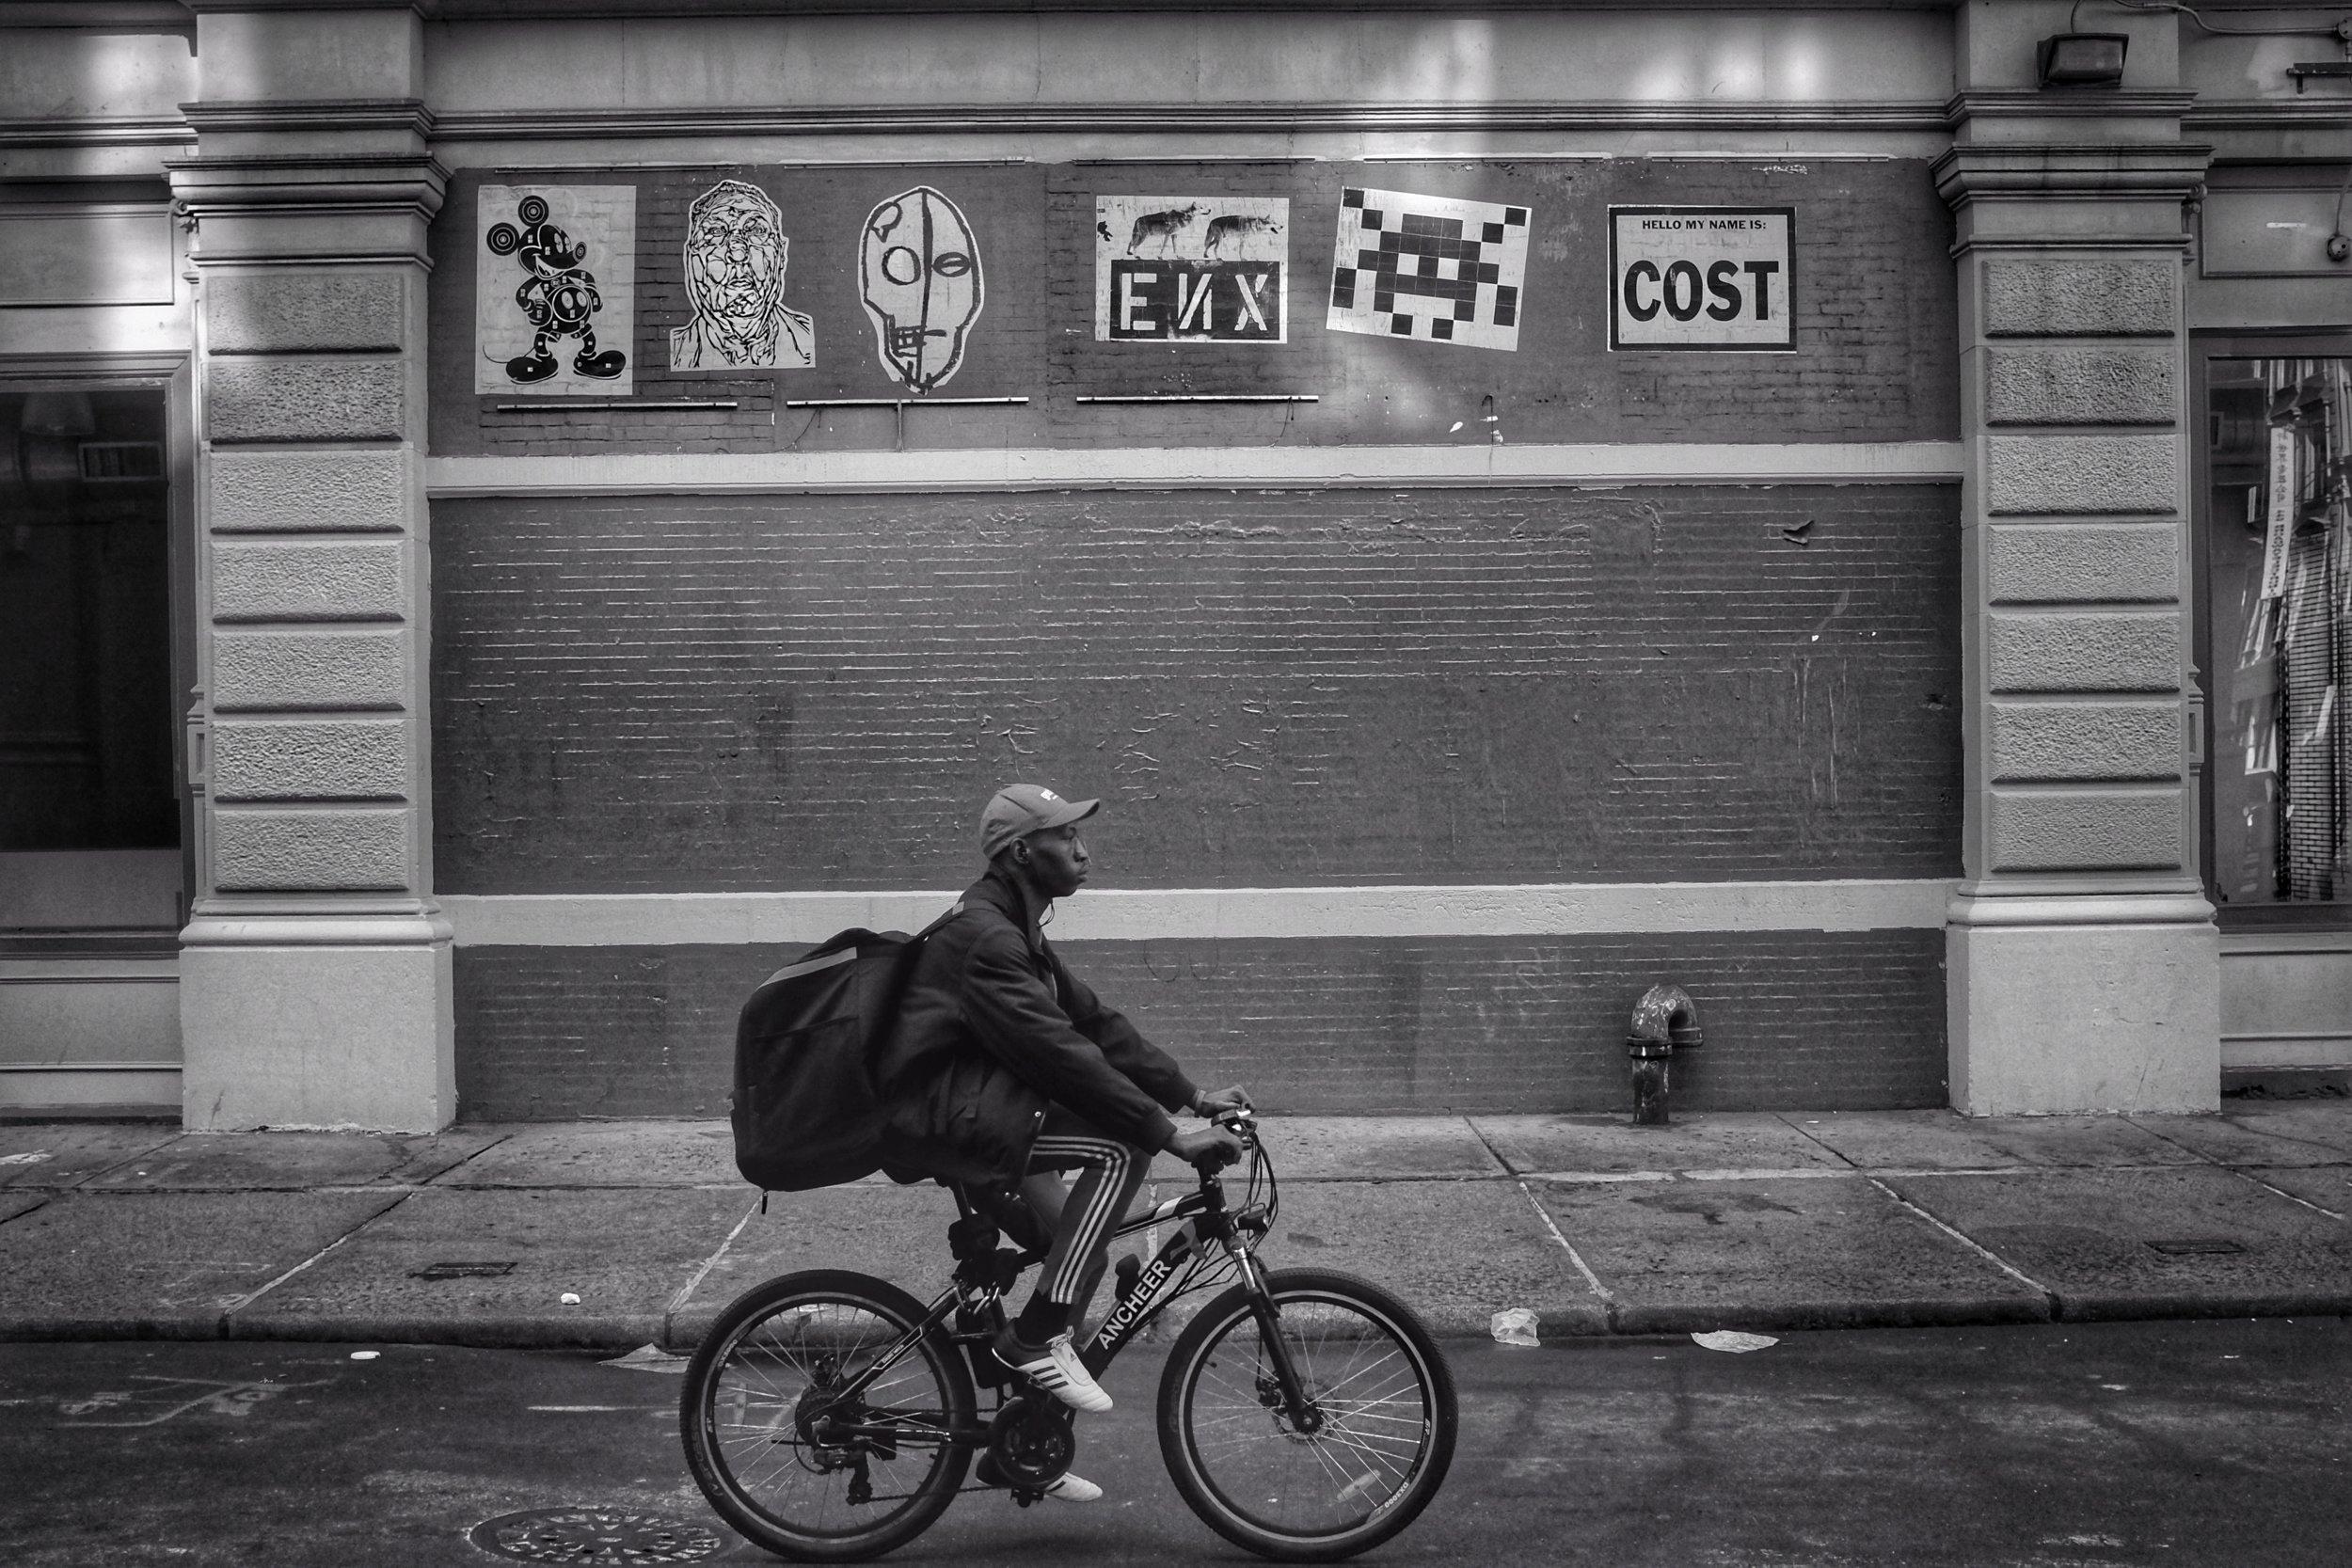 Howard Street. SOHO. New York City. 2017.